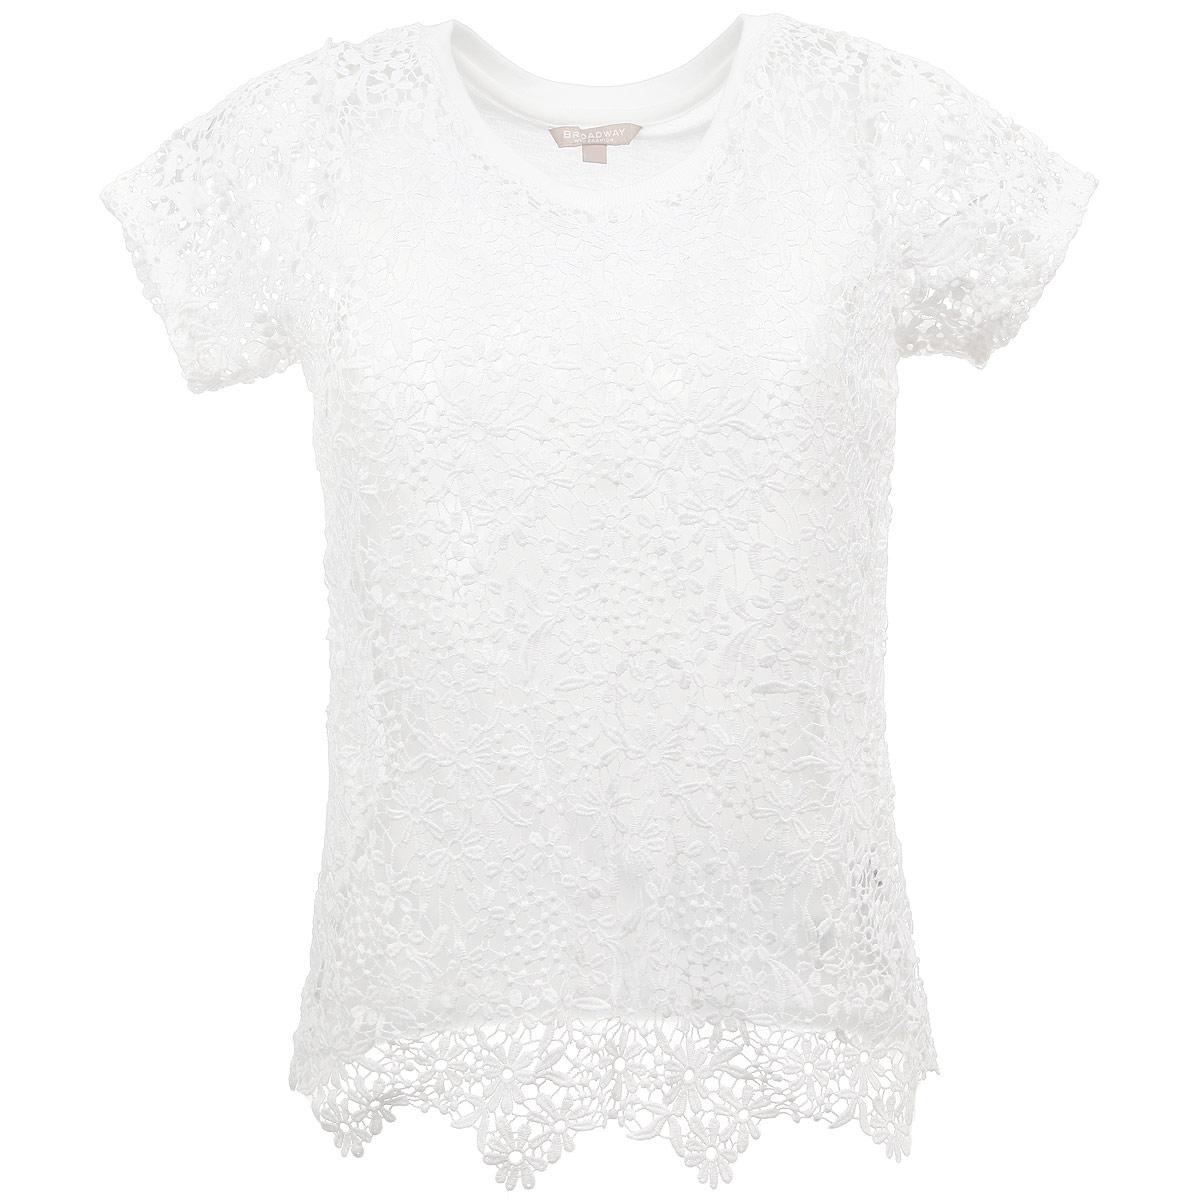 Футболка женская. 1015268210152682 001Оригинальная женская футболка Broadway, выполненная из комбинации двух материалов - полиэстера и вискозы, позволяет коже дышать, не сковывает движения, обеспечивая комфорт при носке. Модель прямого кроя с круглым вырезом горловины и короткими рукавами. Перед и рукава футболки выполнены из ажурного кружевного полотна с цветочным узором. Эта модная футболка займет достойное место в вашем гардеробе. Идеальный вариант для создания эффектного образа.